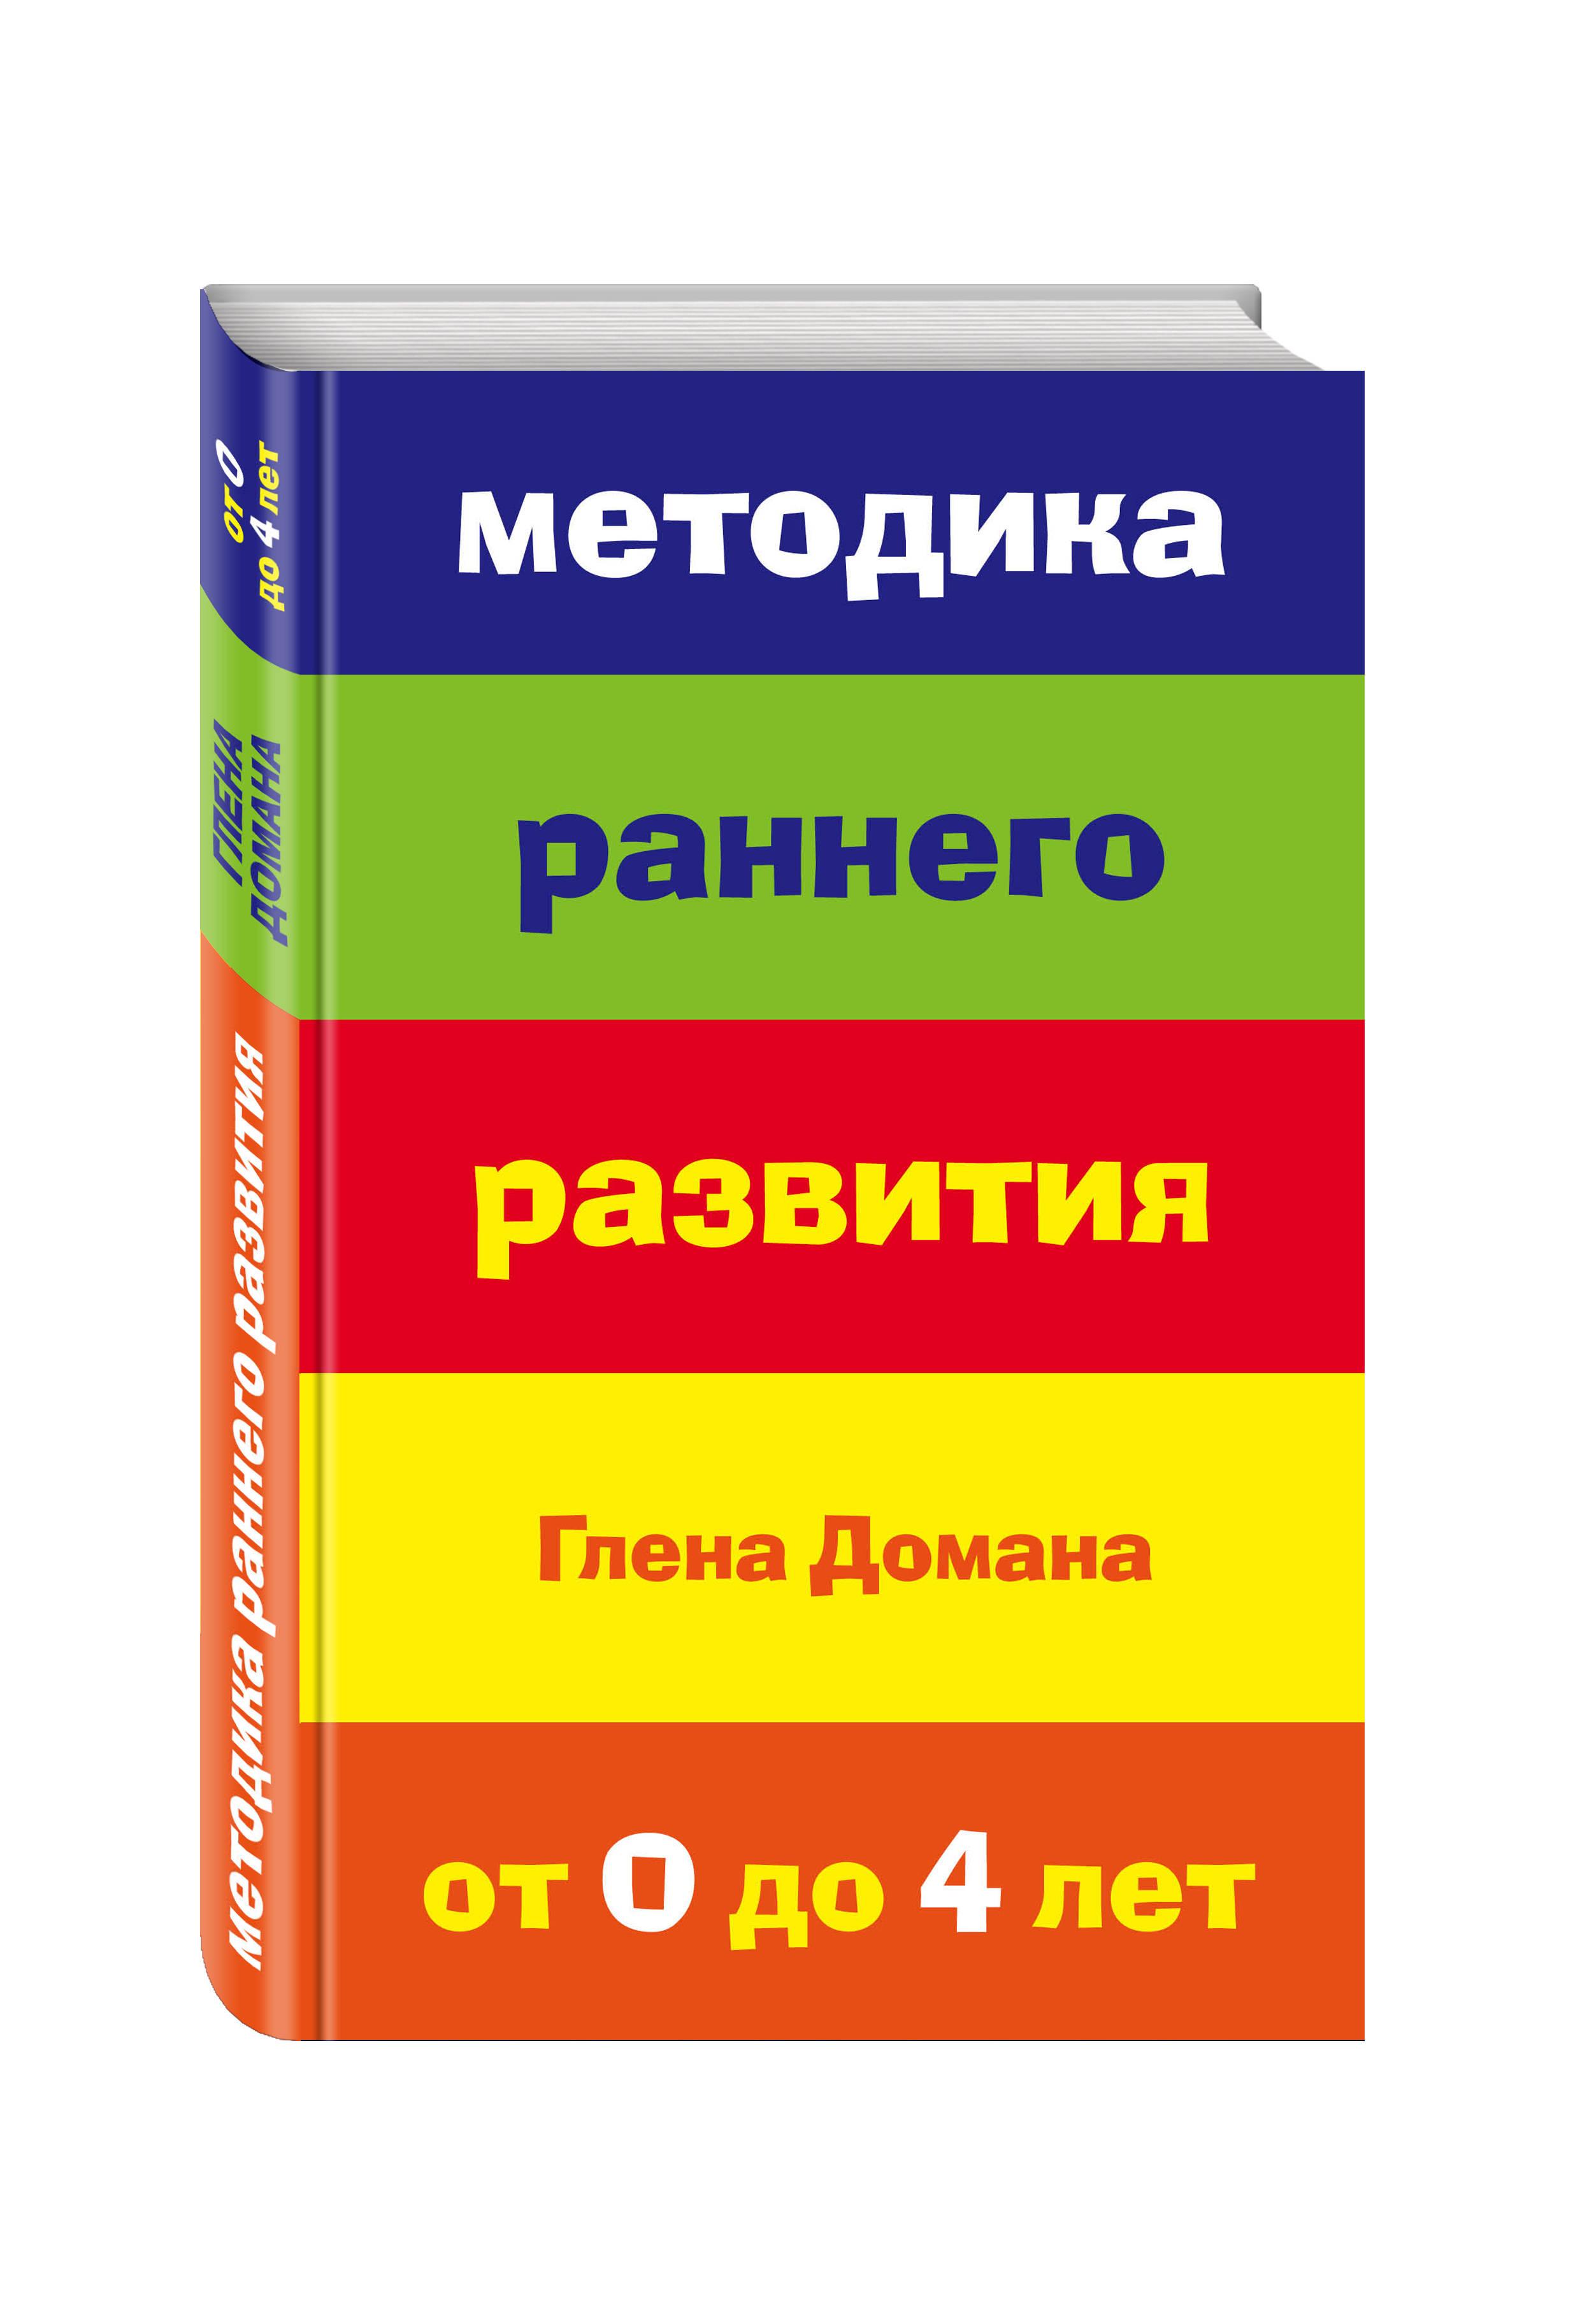 Методика раннего развития Глена Домана. От 0 до 4 лет (нов.оф.)